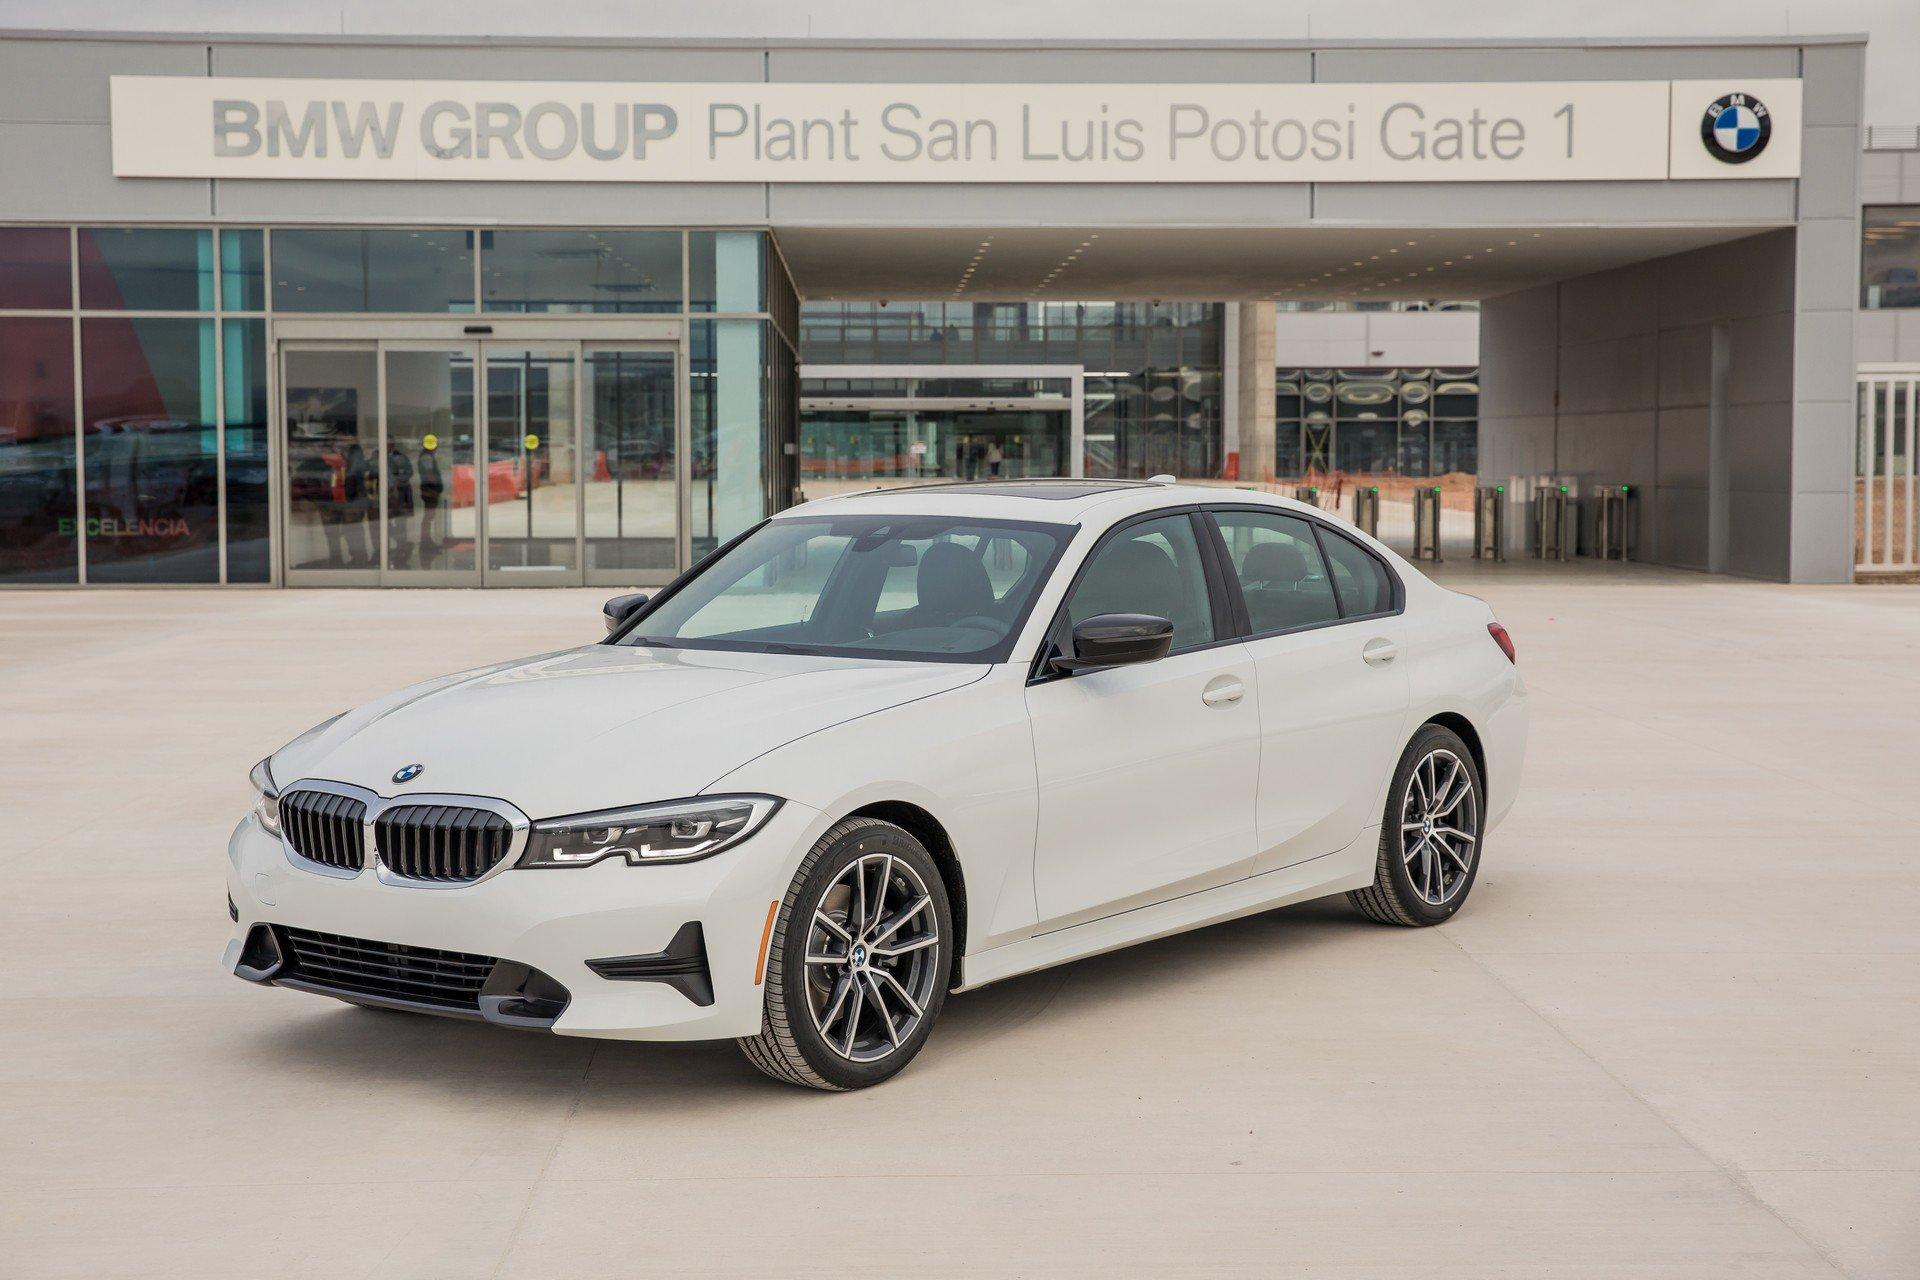 BMW-Mexico-Luis-Potosi-plant-28